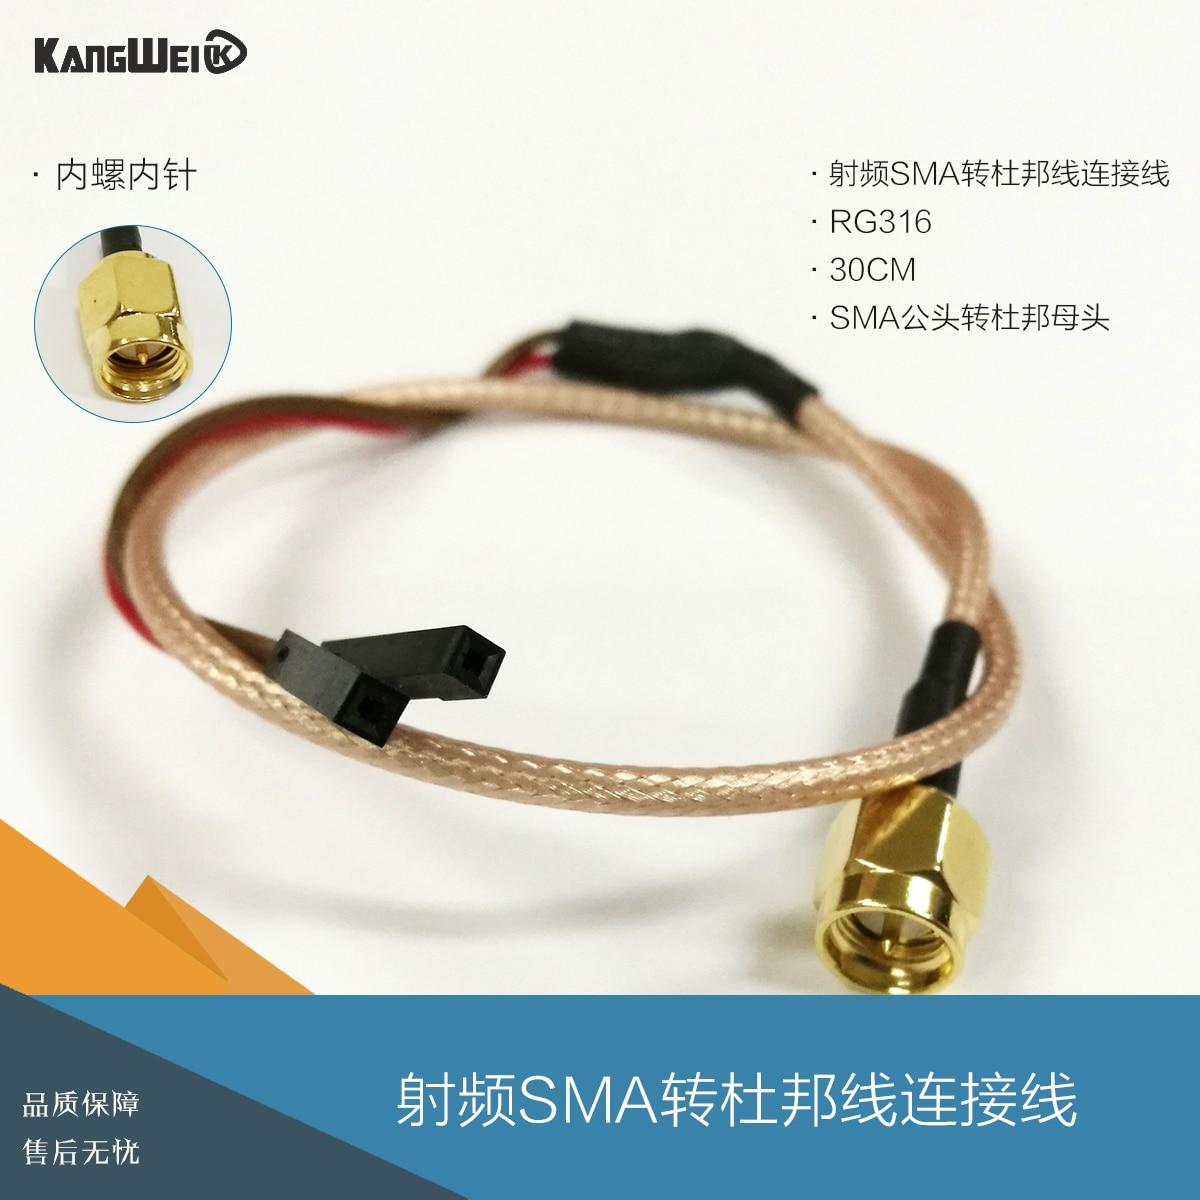 RF SMA connection line SMA internal screw to DuPont line head RG316 line length 30cm